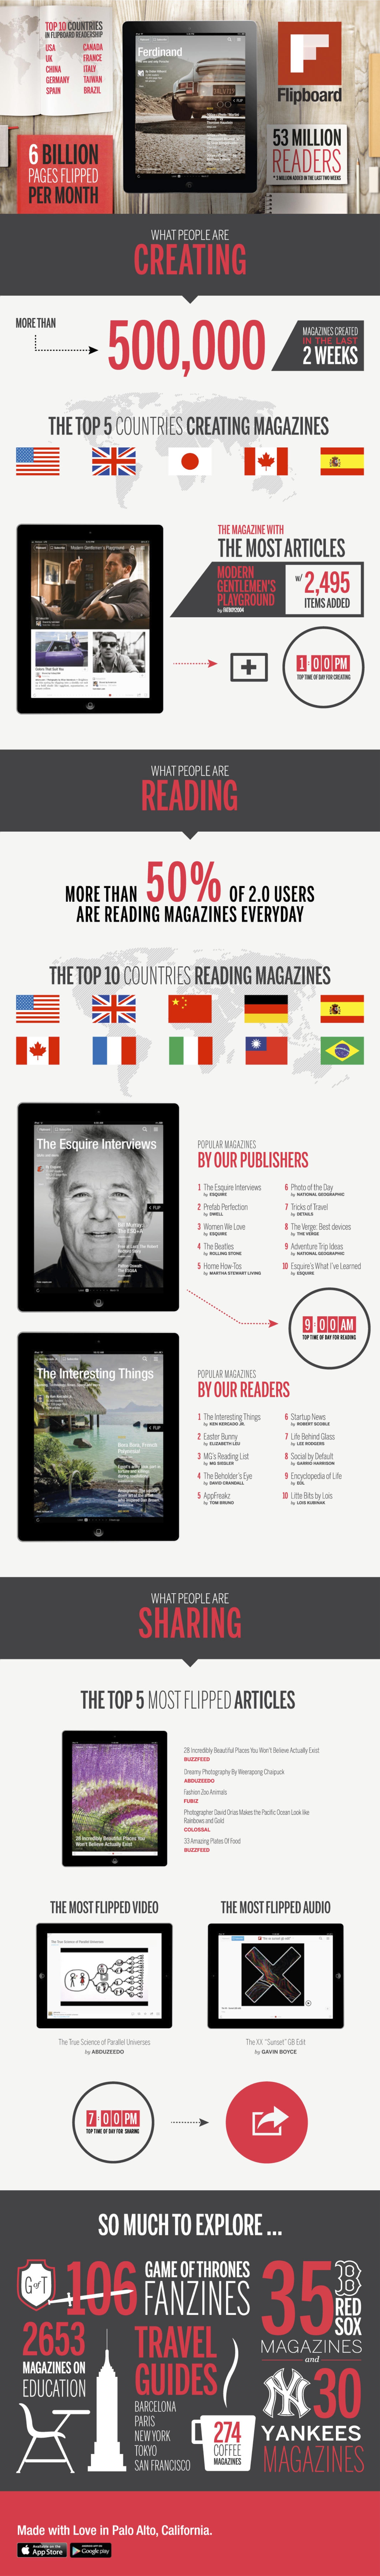 Ya se han creado medio millón de revistas personalizadas con Flipboard